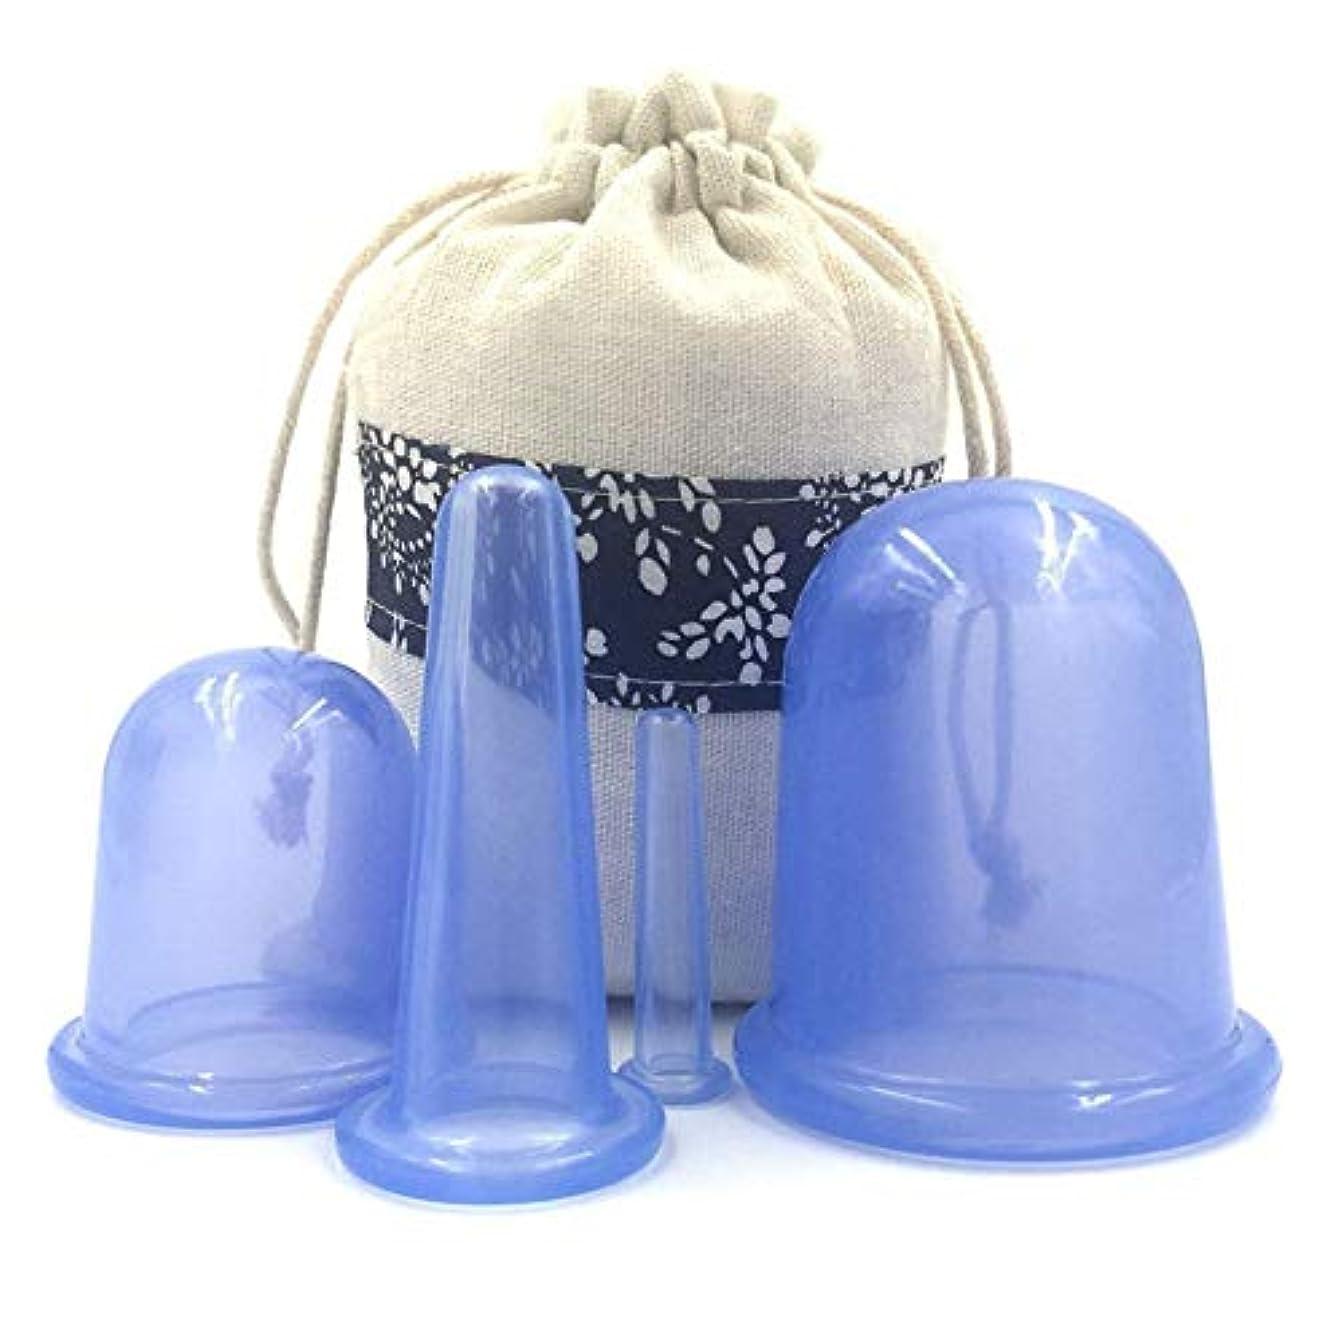 バルセロナ販売員柔らかさ治療 カッピングポンプ 吸引器-カッピング療法と筋肉痛の痛みの軽減のための4つのマッサージカップセルライトカッピング用のアンチセルライトマッサージカップ (Color : Clear)